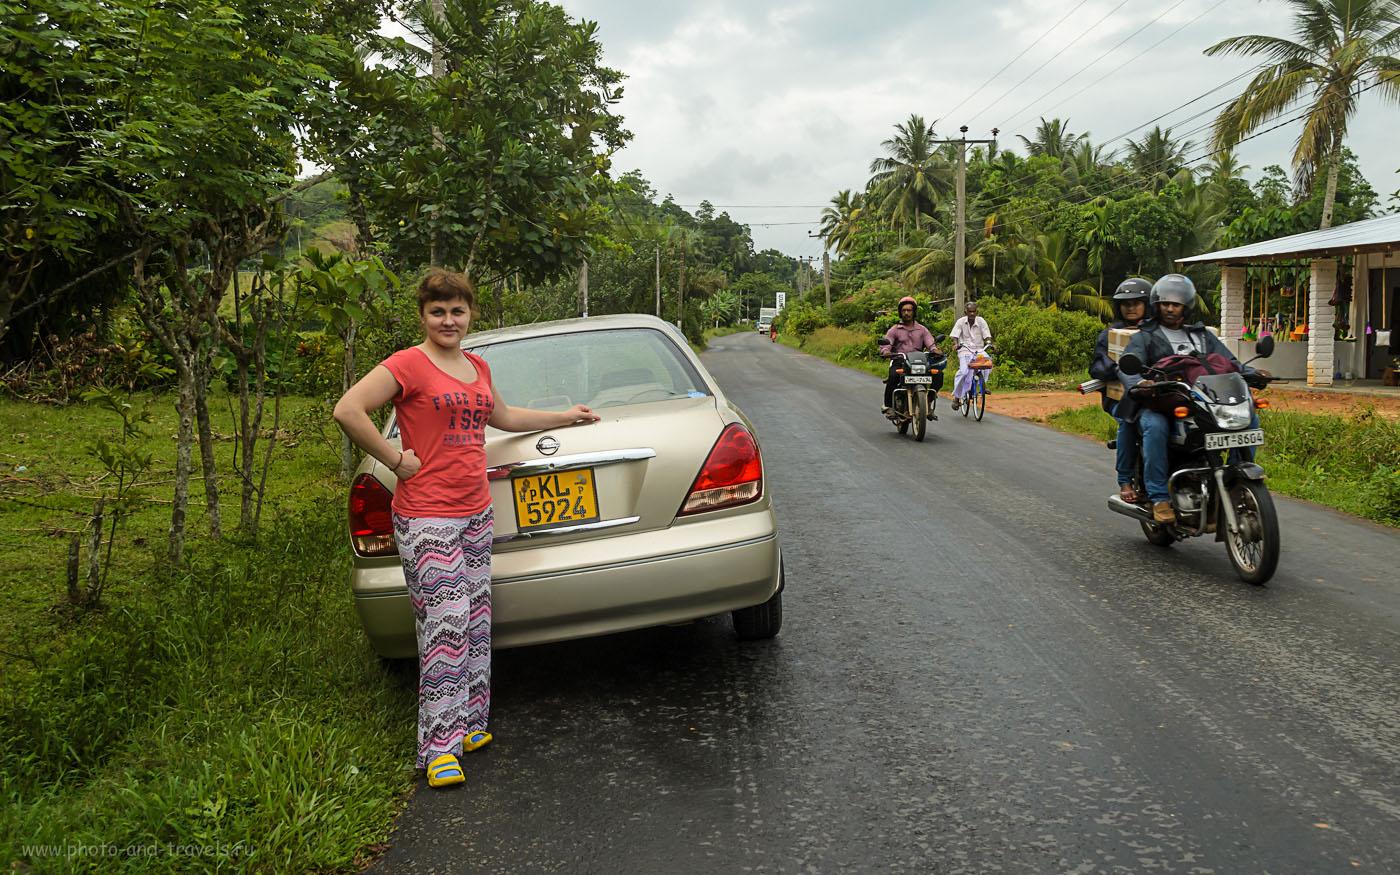 Фотография 2. Где бы вы ни были на Шри-Ланке, вы всегда привлекаете внимание местного населения. Отчет о том, как из Хиккадувы мы добрались на экскурсию в Форт Галле.